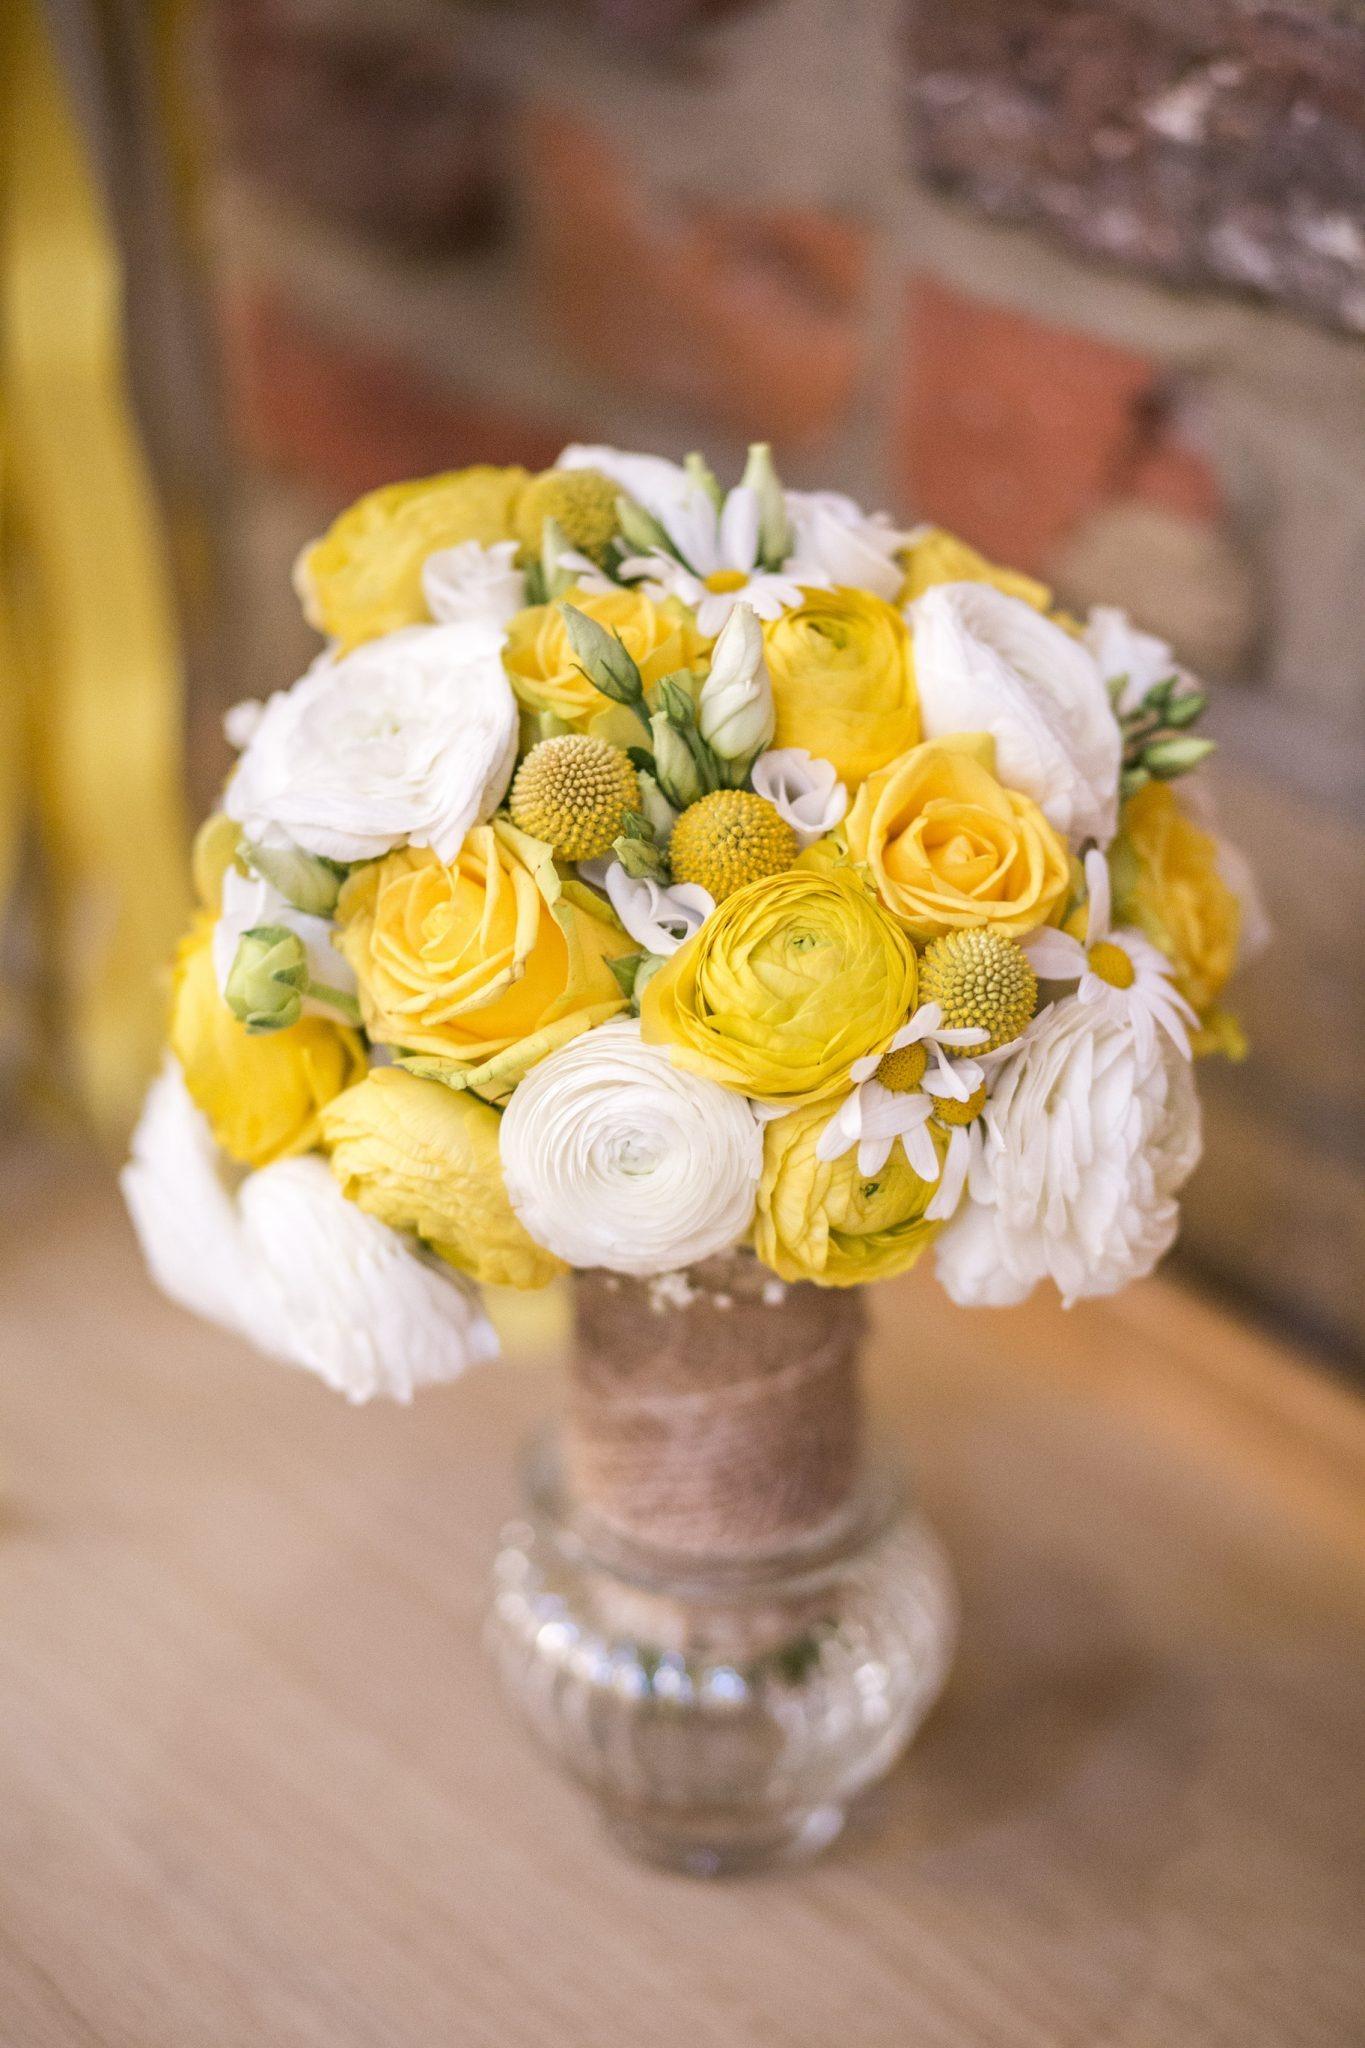 Hochzeit von Jannine und Christian in Münster: Brautstrauß in der Vase